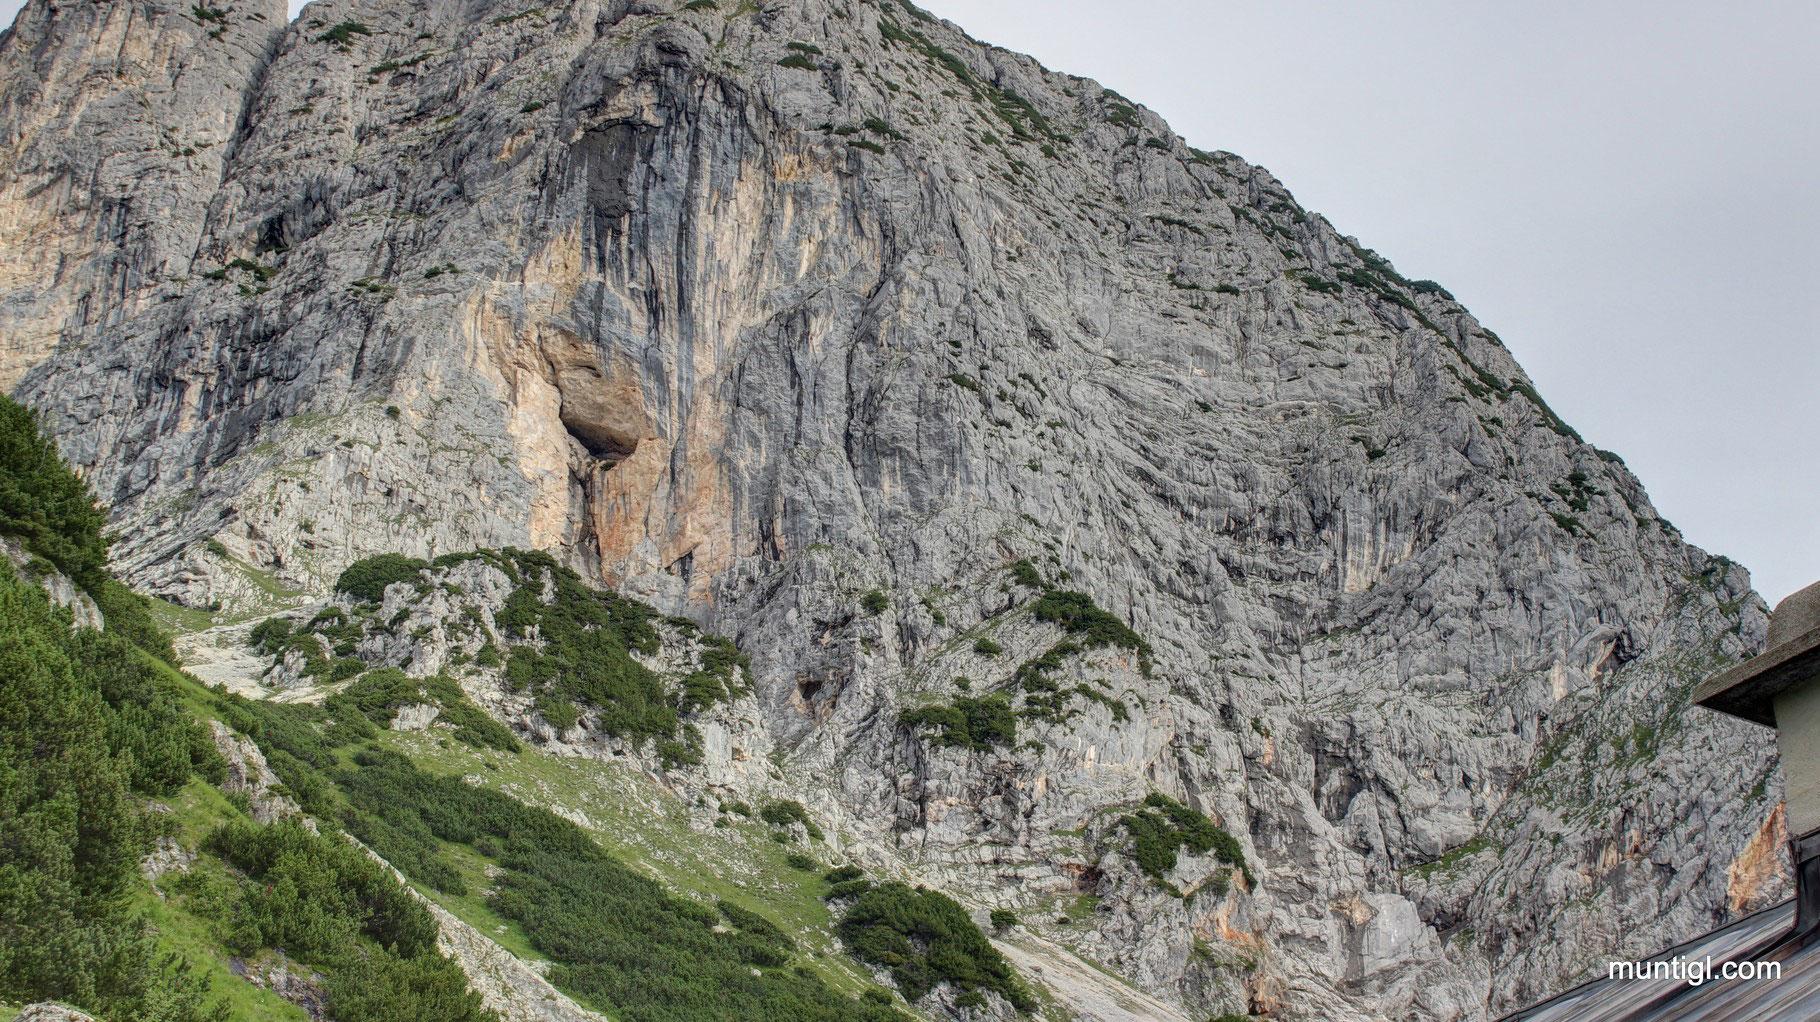 Klettersteig Hochthron : Berchtesgadner hochthron klettersteig muntigl.com